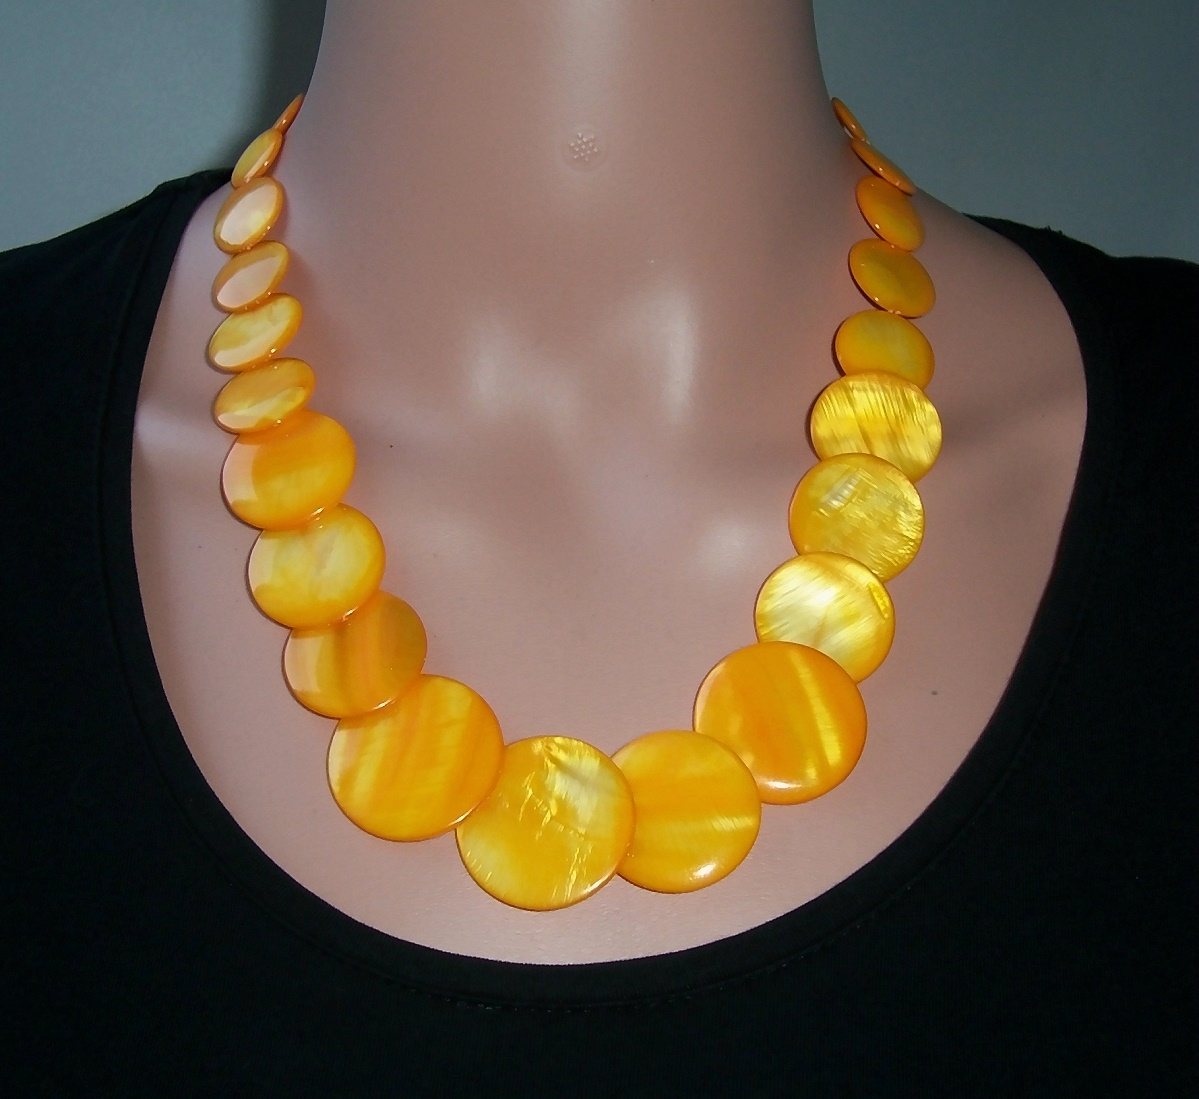 K1853* Collier Halskette Kette gelb Perlmutt Perlen K523*